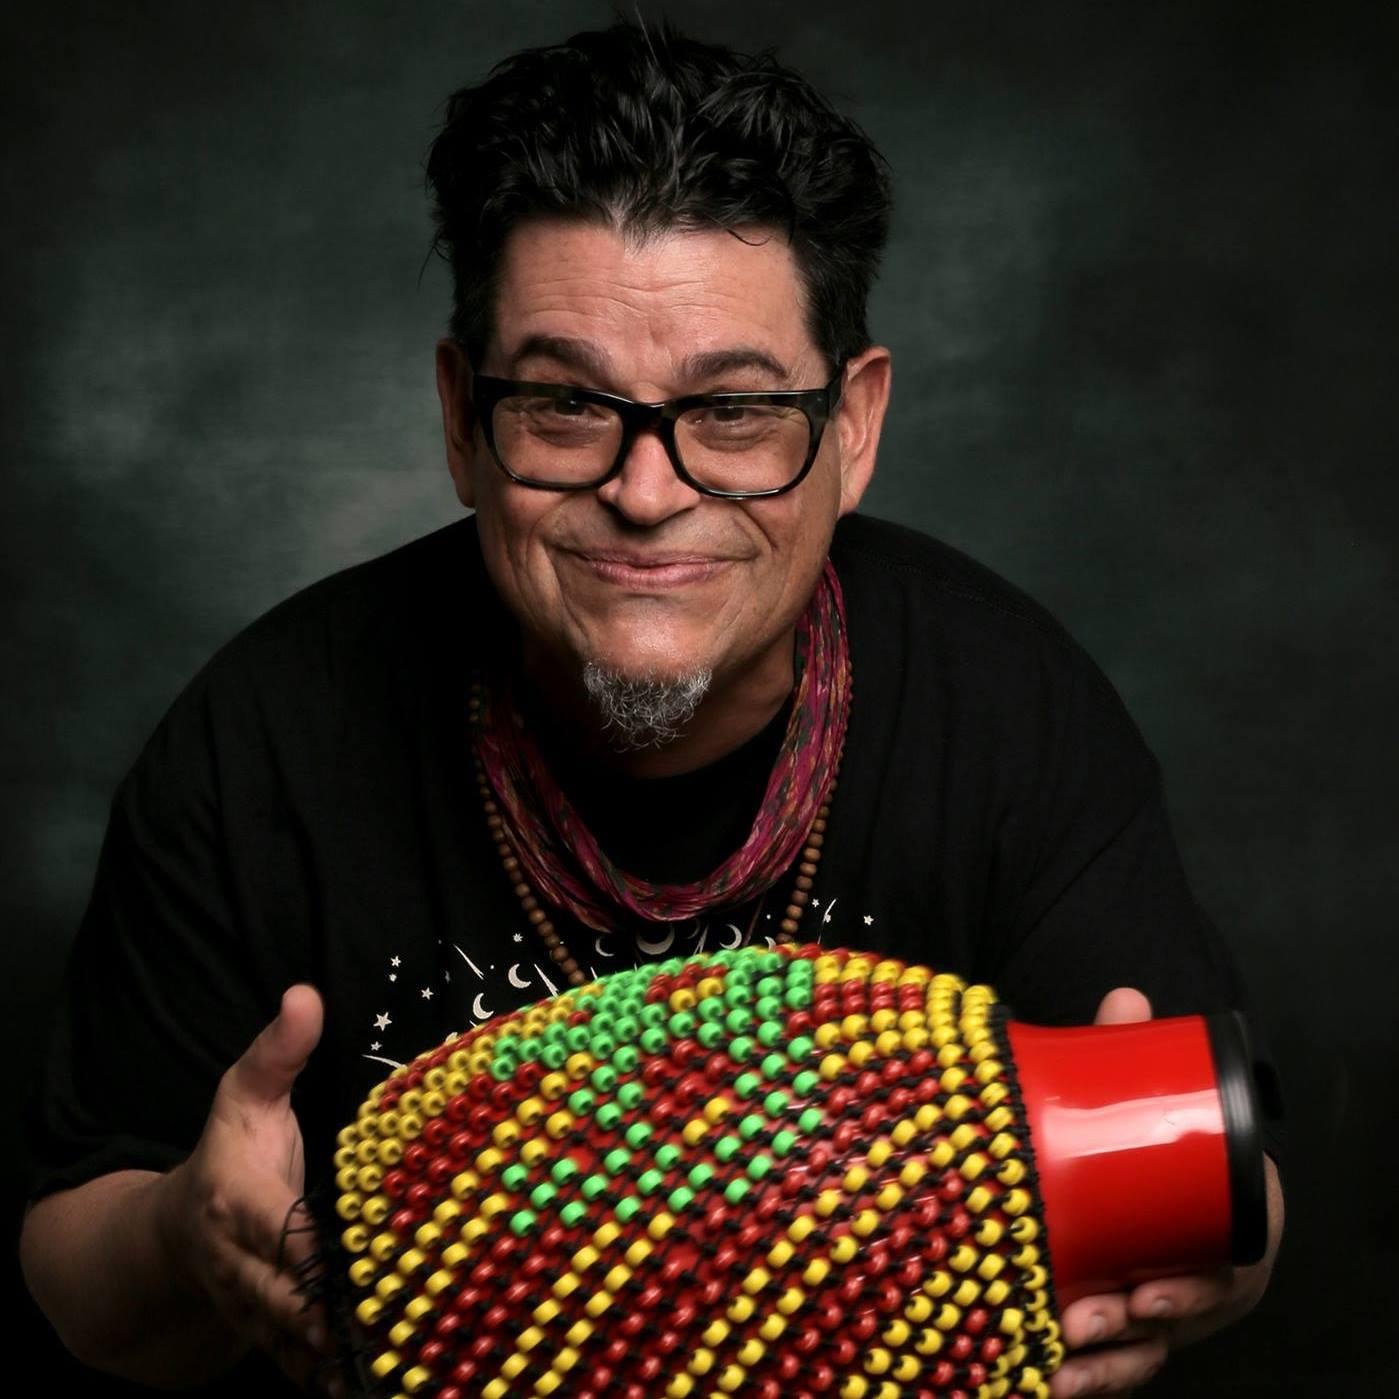 Joe Vasconcellos anuncia dos shows consecutivos en Bar El Clan